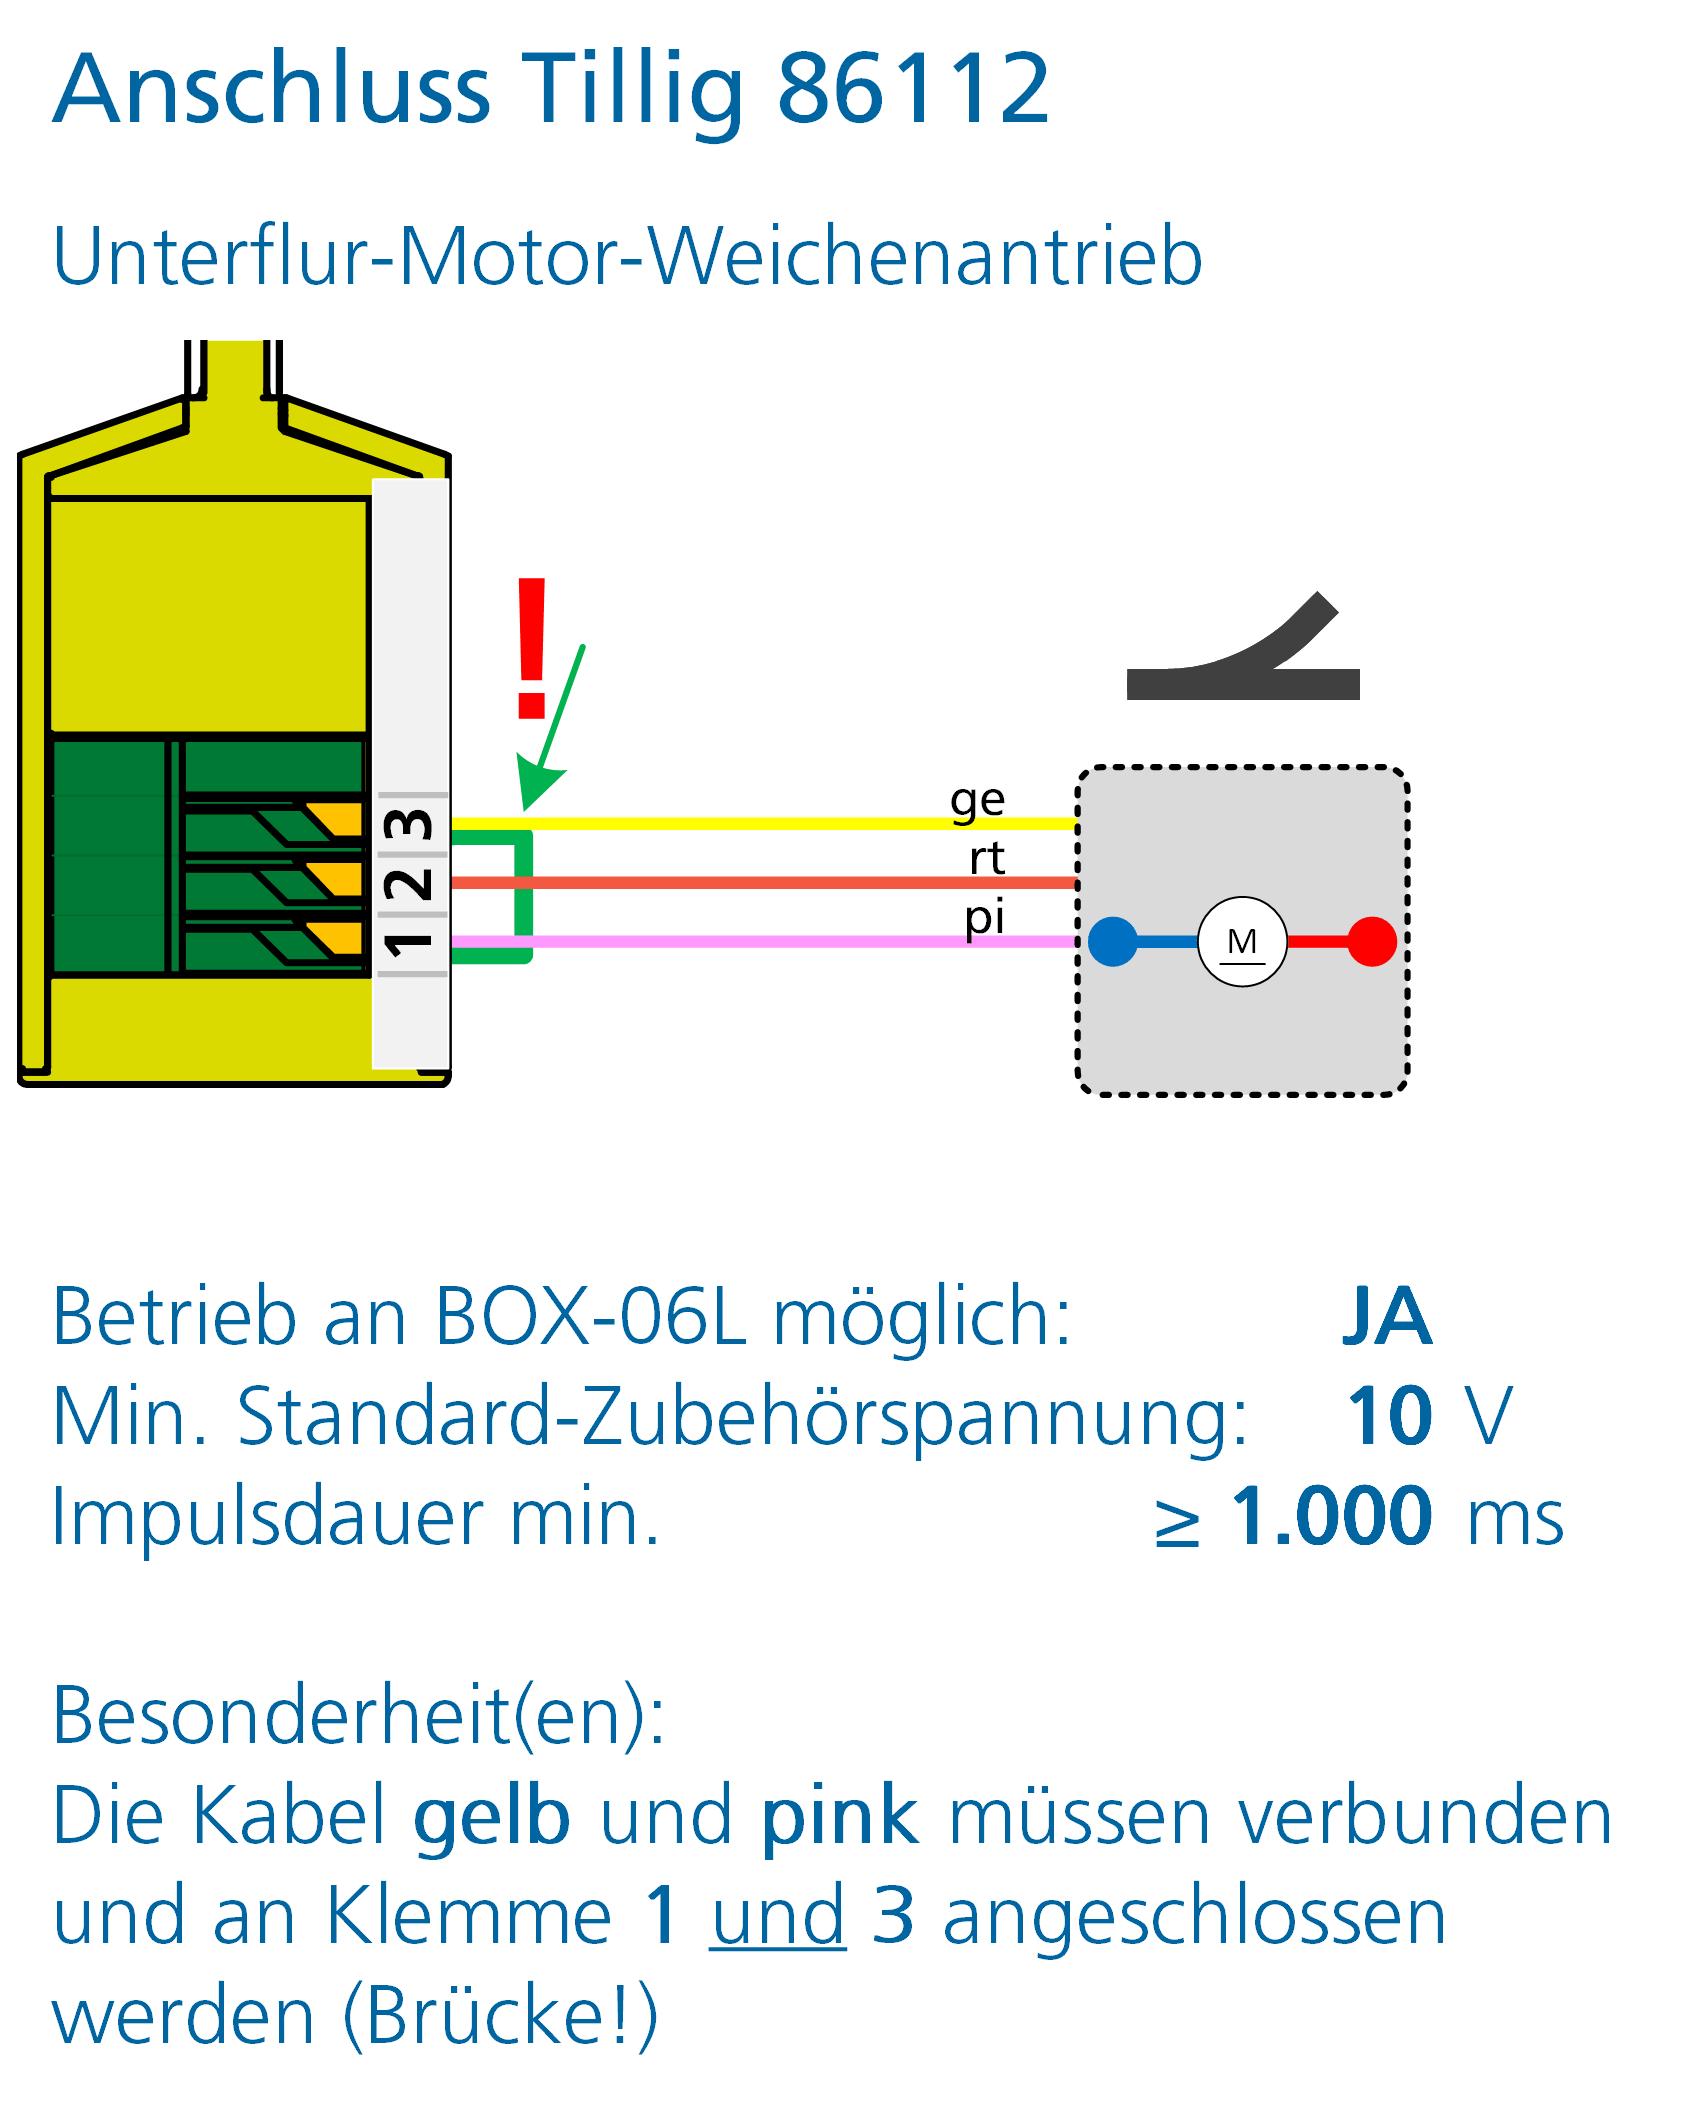 ALAN Adapter BRIDGE-03L Artikel-Nummer 18032 Anschlussbeispiel Tillig Weichenantrieb